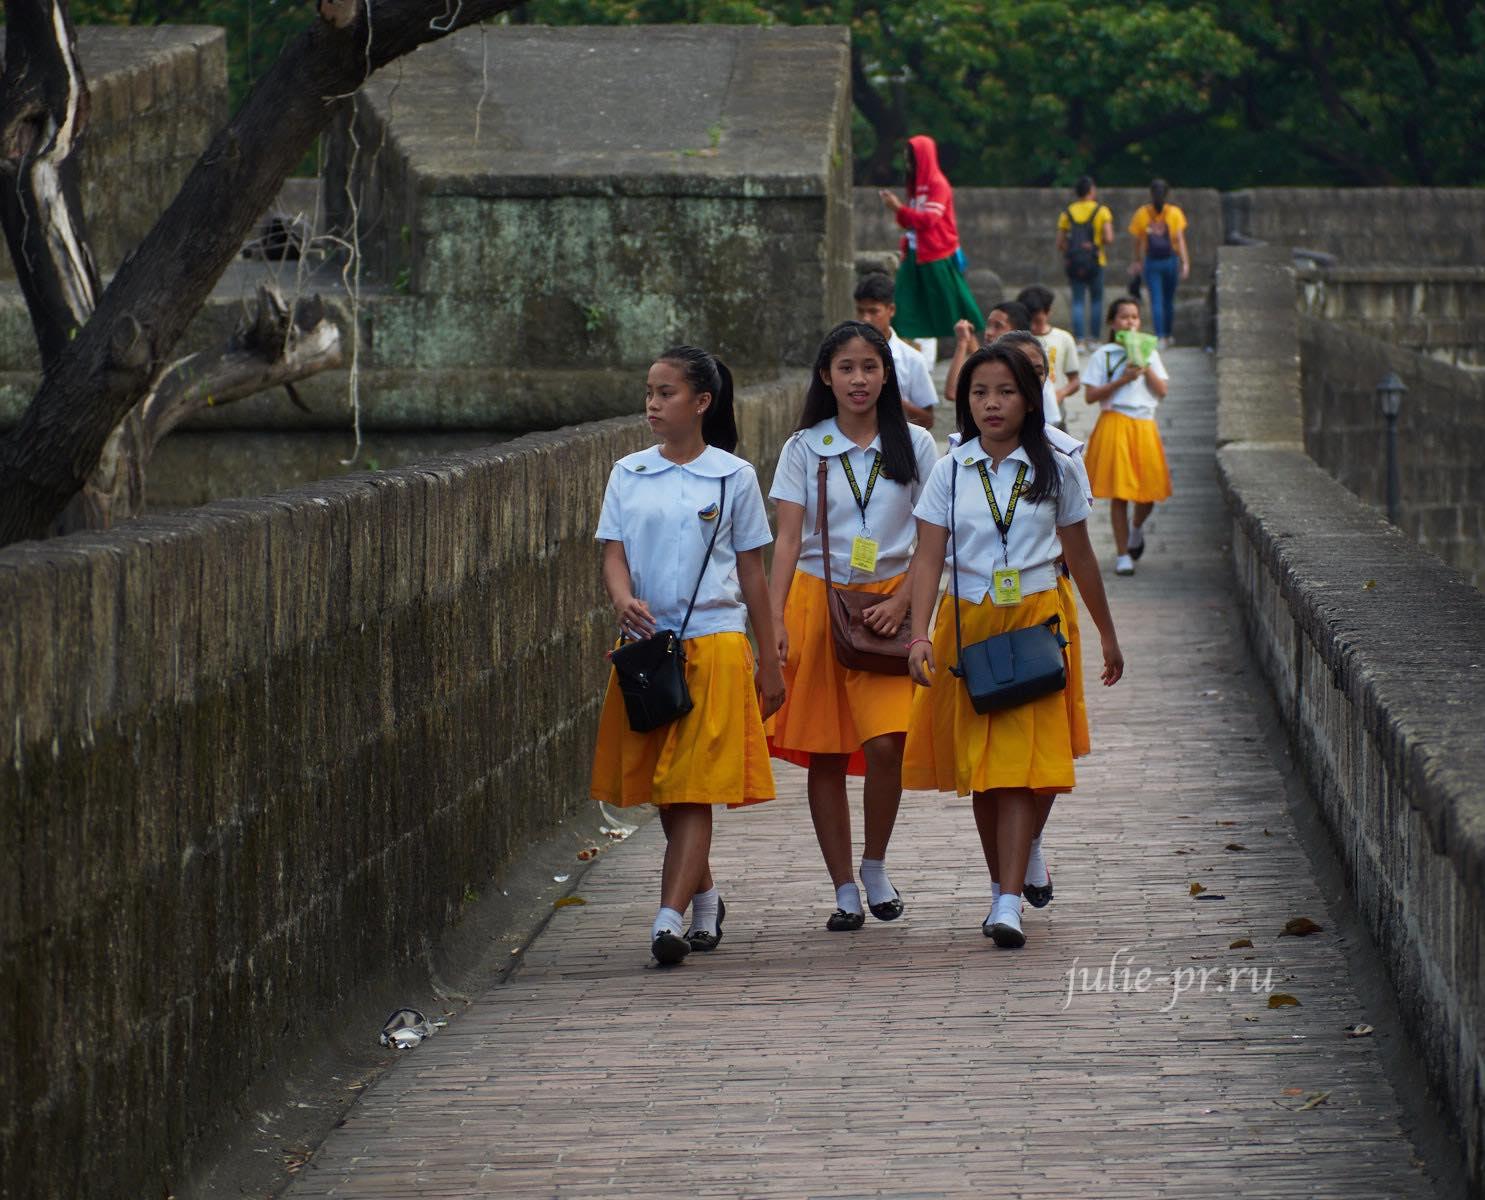 Филиппины, Манила, девушки-студентки